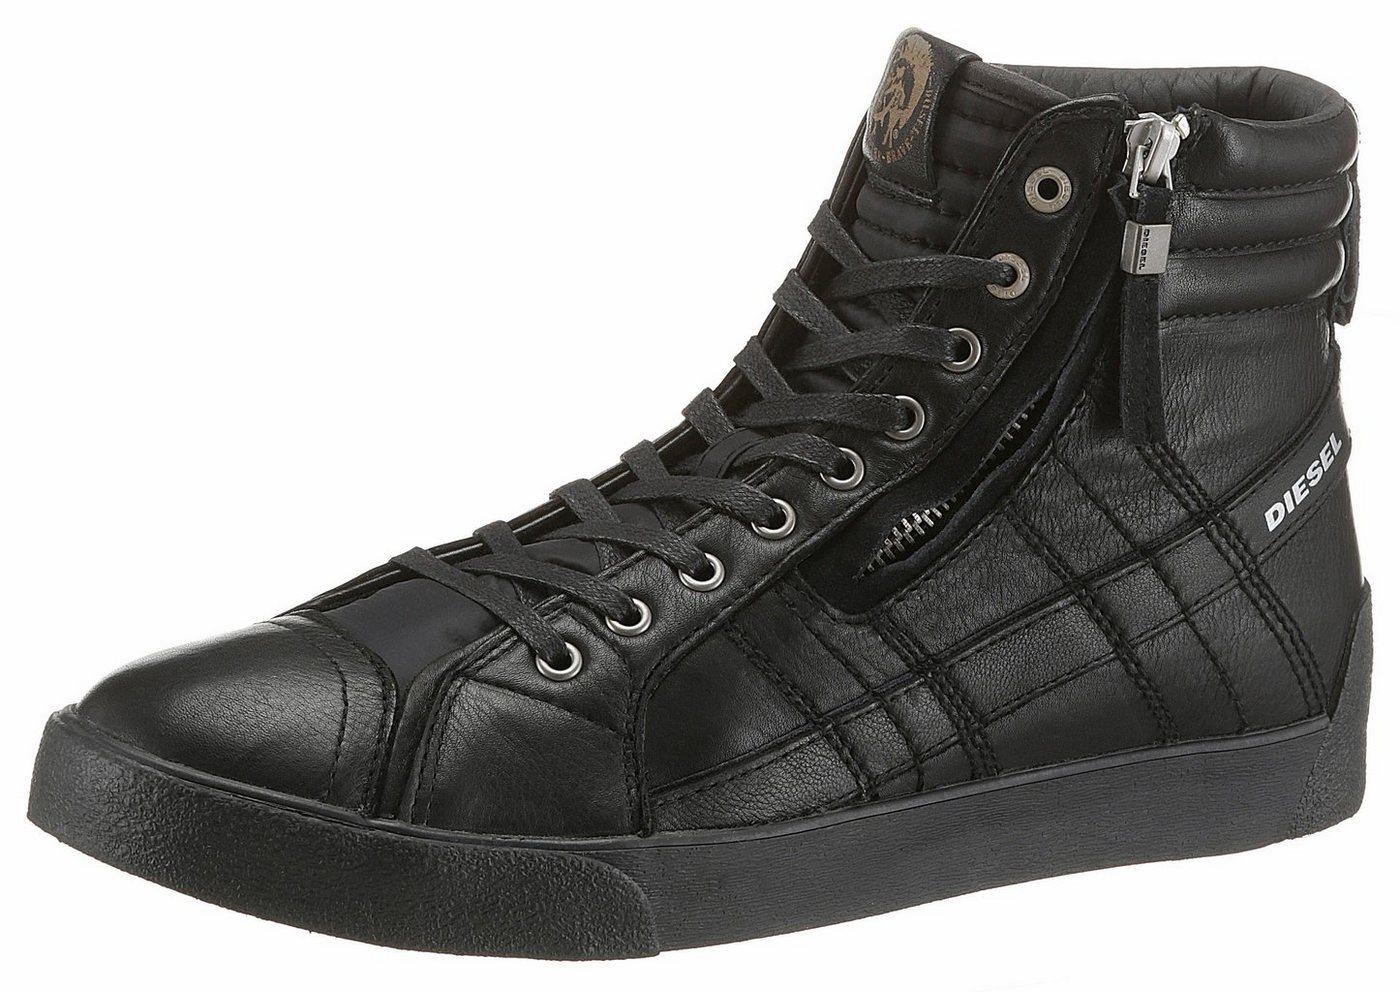 diesel -  »D-String Plus« Sneaker mit kurzem Außenreißverschluss